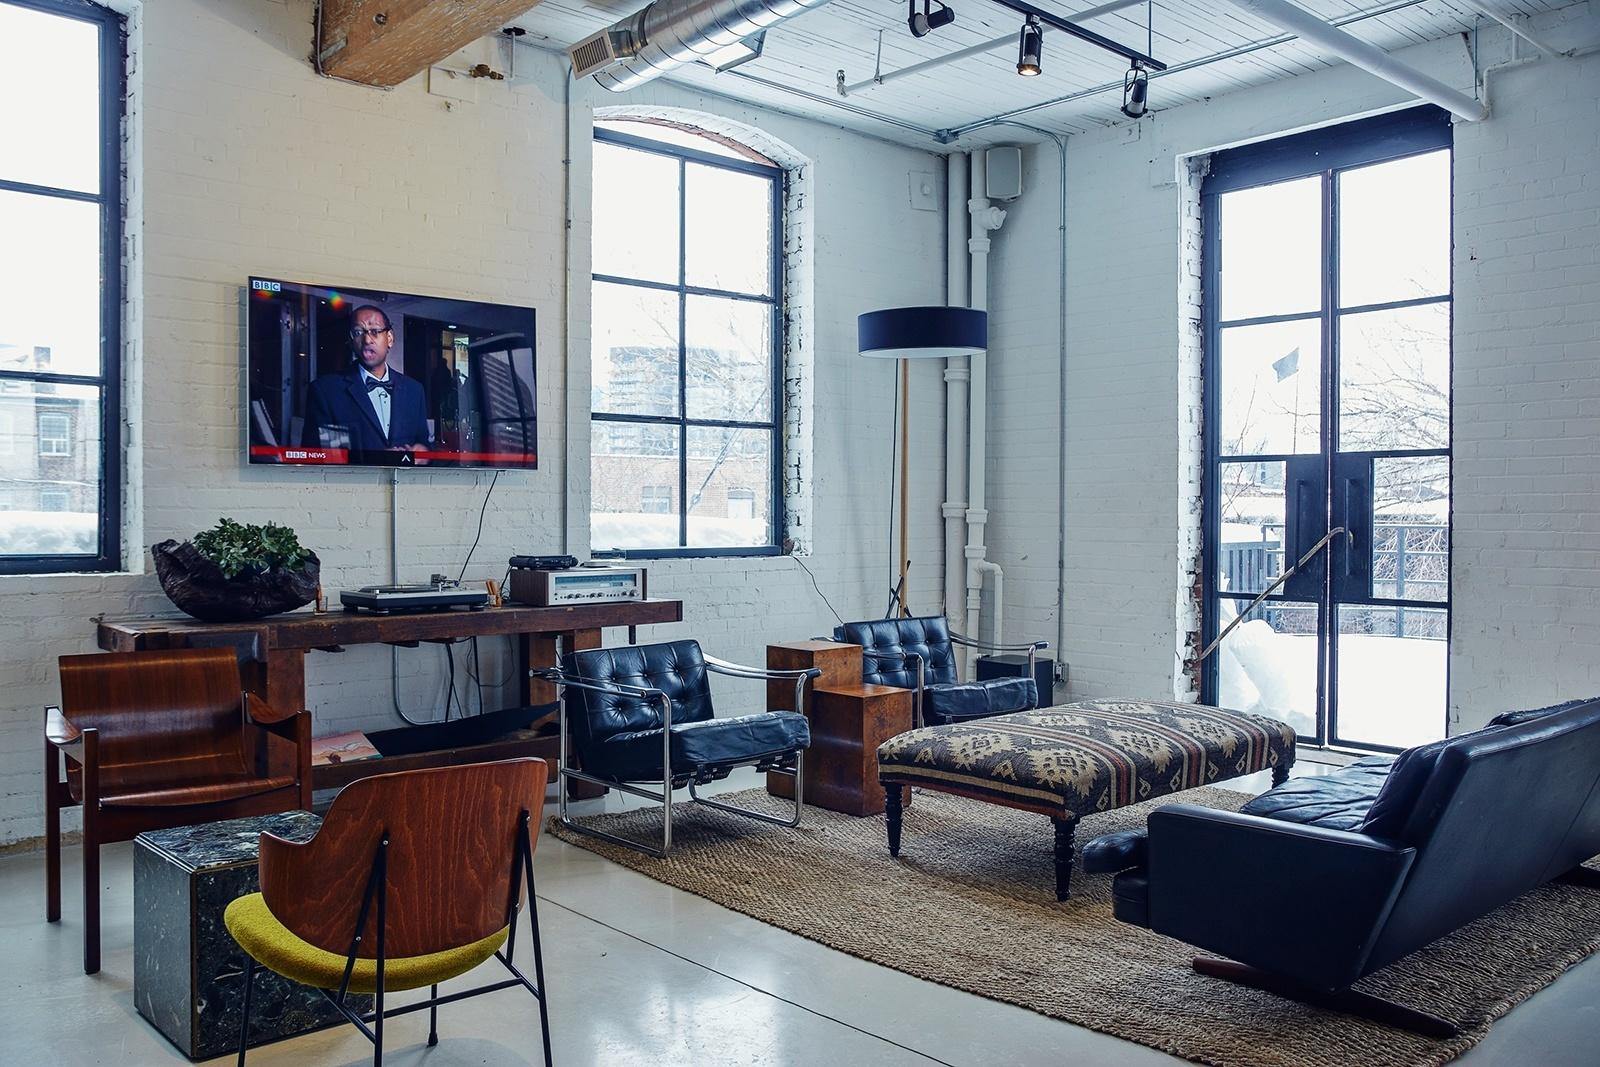 eastroom-coworking-toronto-6